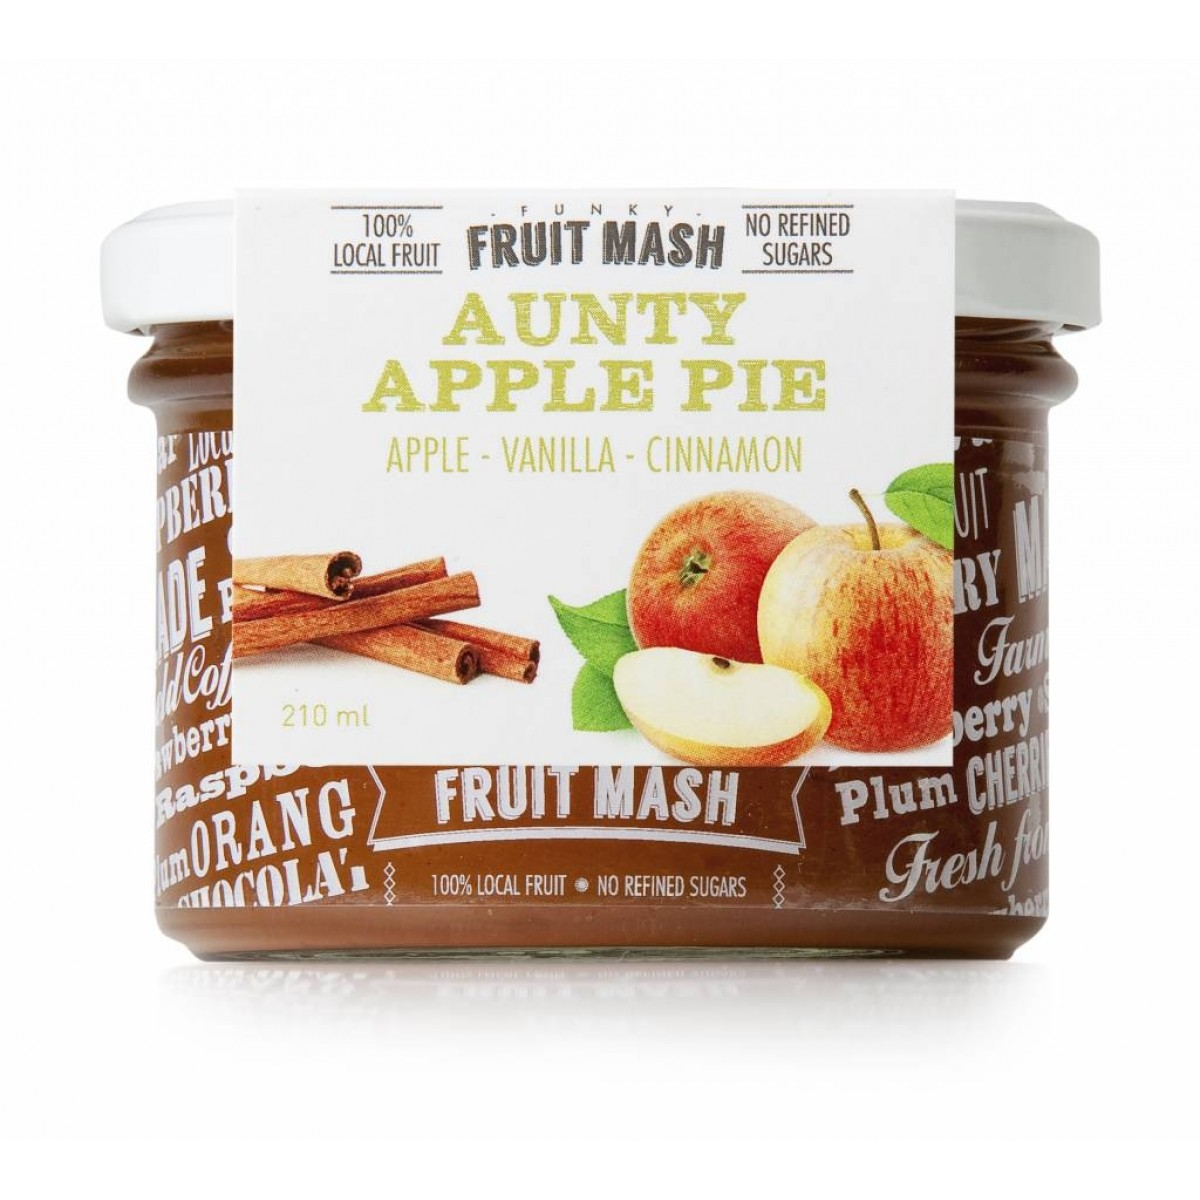 Funky Fruit Mash Aunty Apple Pie